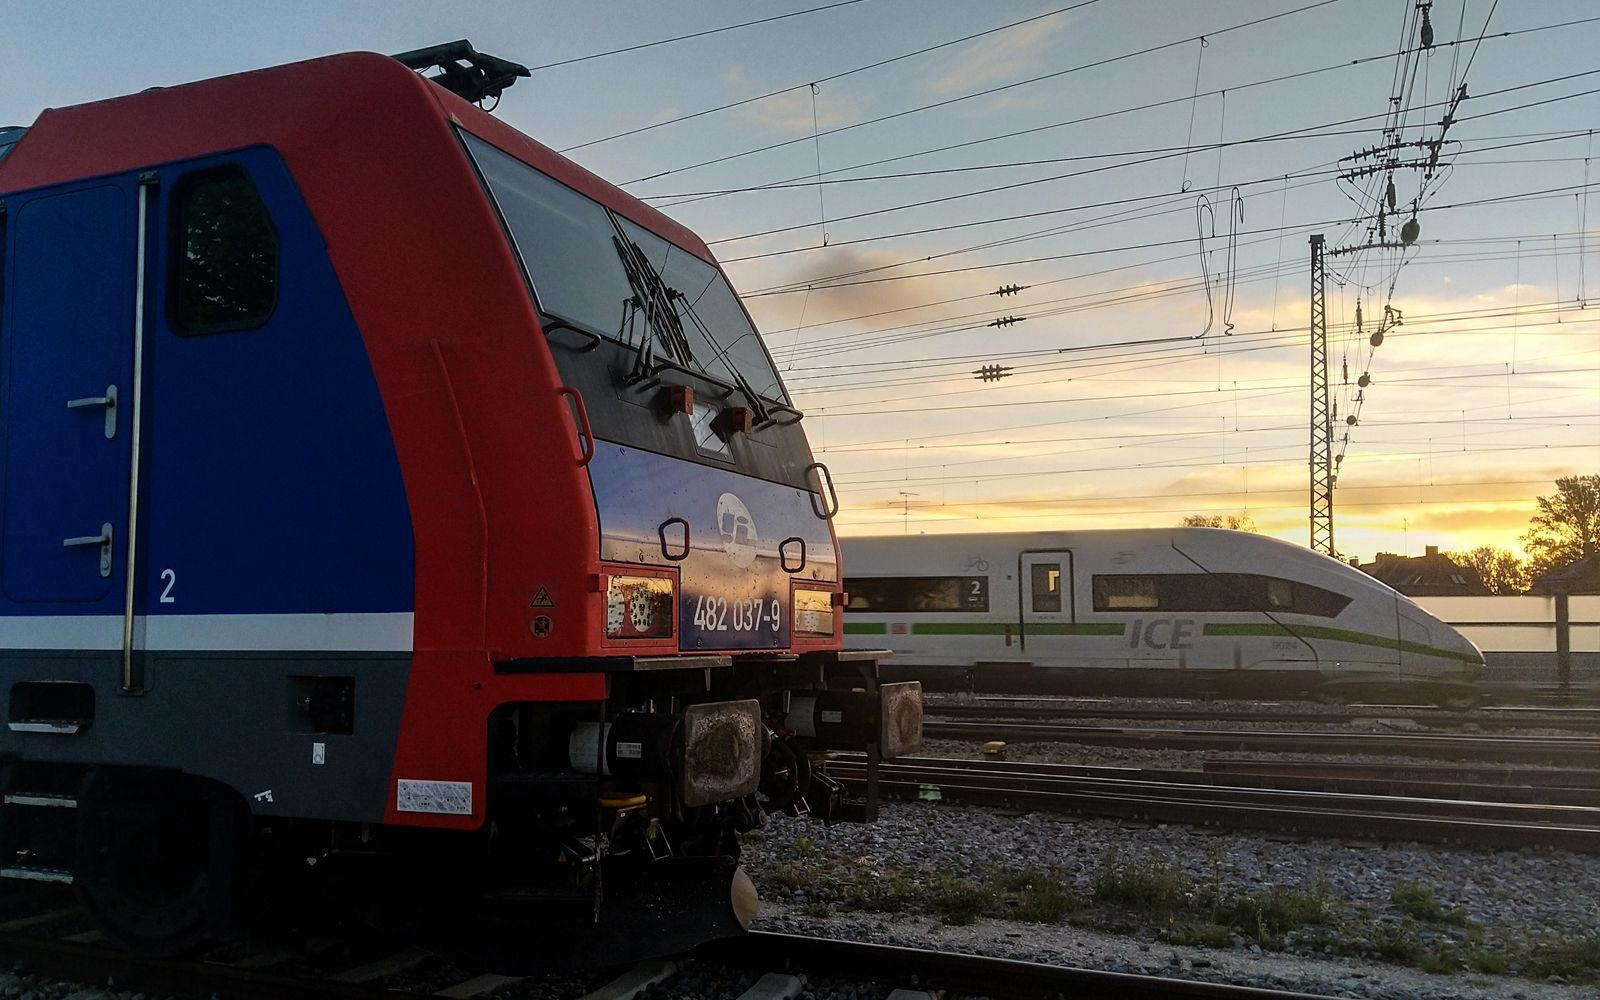 ©Foto: Denis Herwig | railmen | Lokführer im Dienst für InfraLeuna | ICE mit grüner Bauchbinde überholt Güterzug bei Augsburg